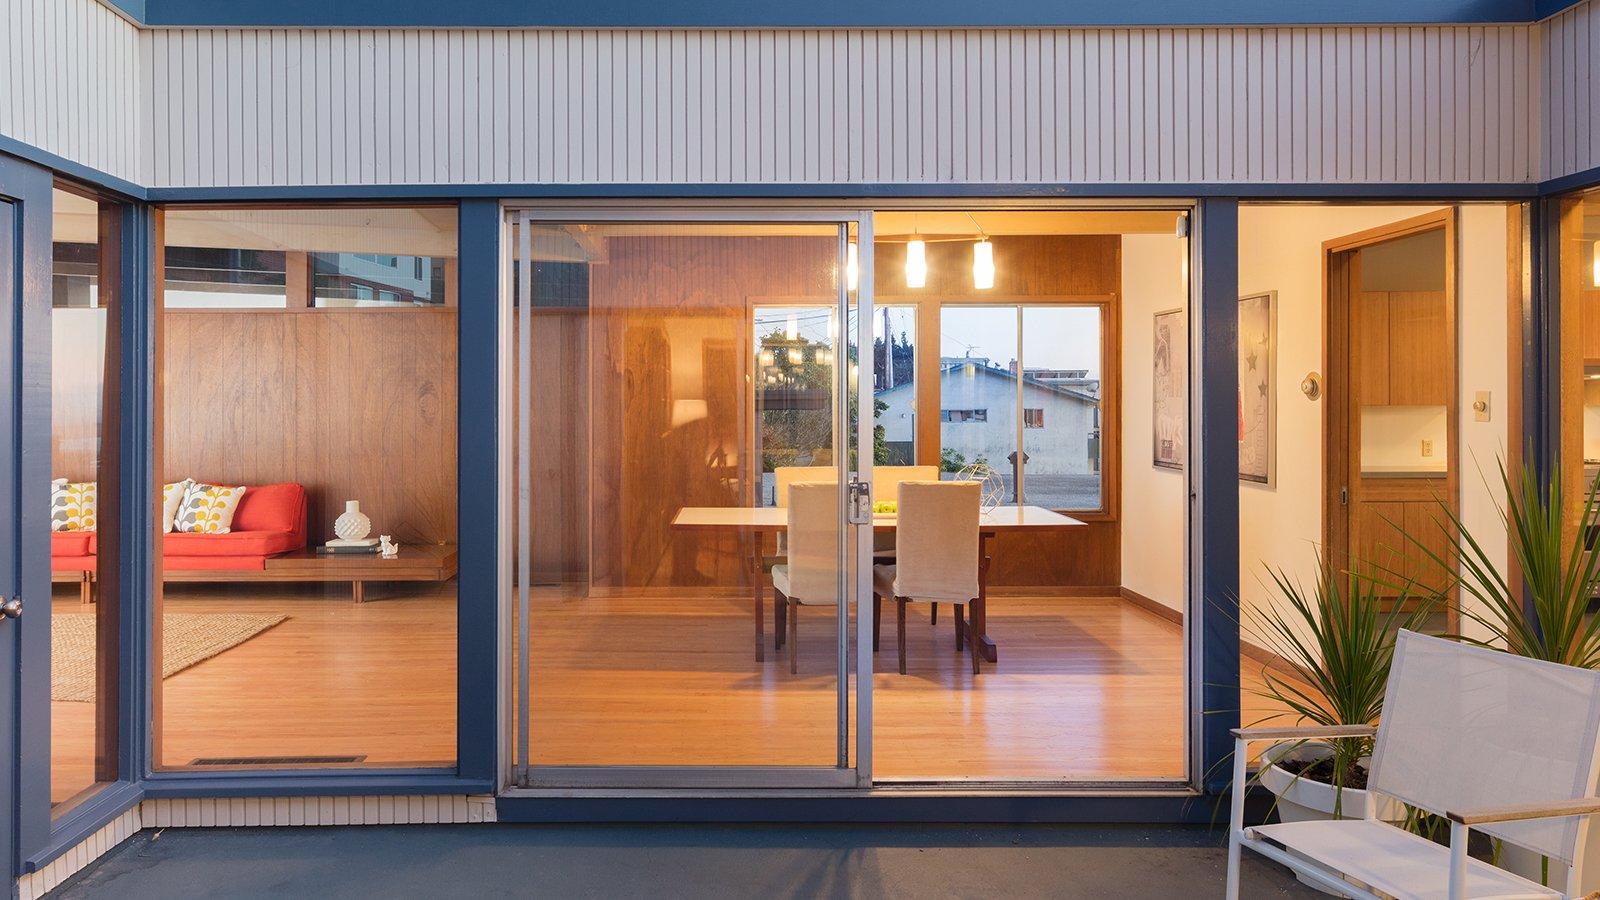 una finestra scorrevole e vista dell'interno di una casa